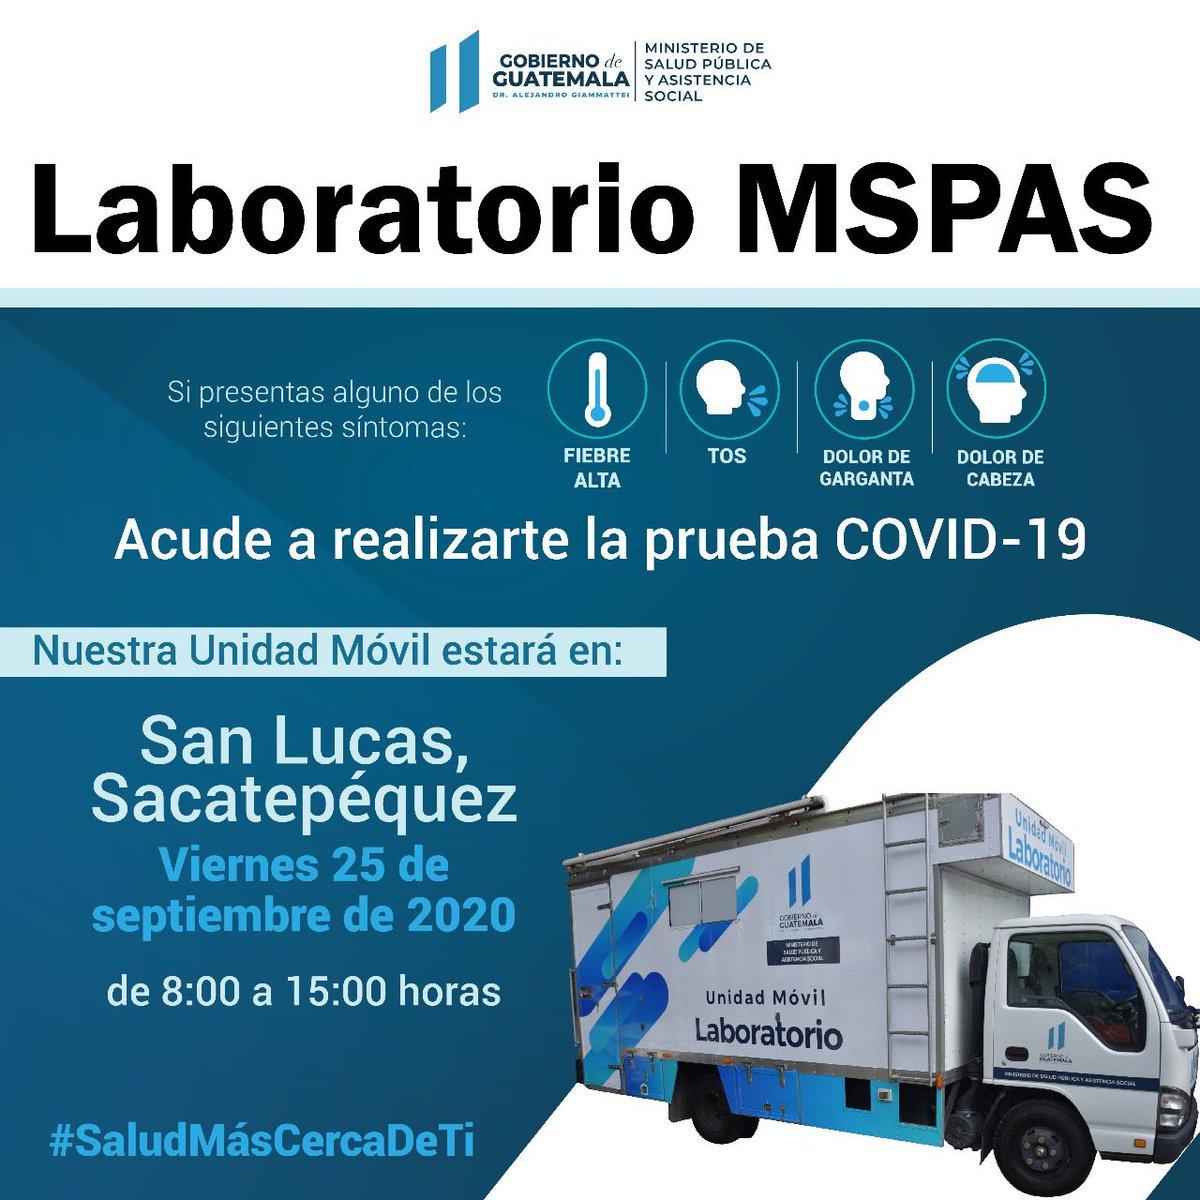 El #LaboratorioMóvil continúa mañana 25 de septiembre 2020 en Santa Lucas, #Sacatepéquez de 8:00 a 15:00 horas.   Si presentas alguno de los siguientes síntomas, acude a realizarte la prueba #COVID19 🤒  #SaludMásCercaDeTi https://t.co/cn1EdbfEoI